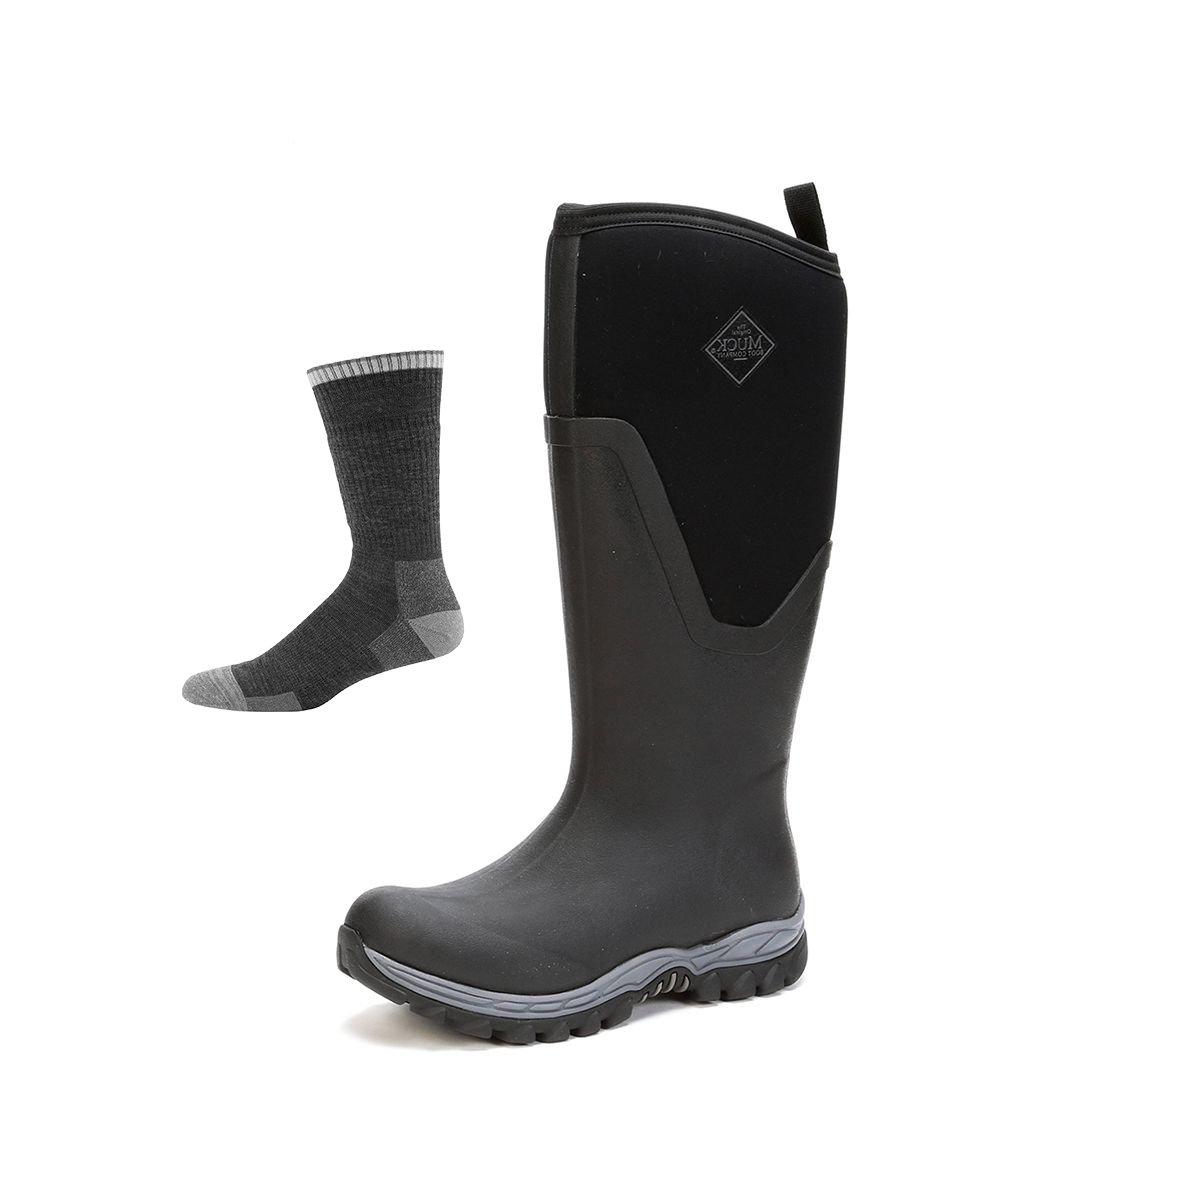 Muck Boot Women's Arctic Sport Ii Tall Snow Boot B0763XVDNY 8 B(M) US|Black/Black W/ Socks